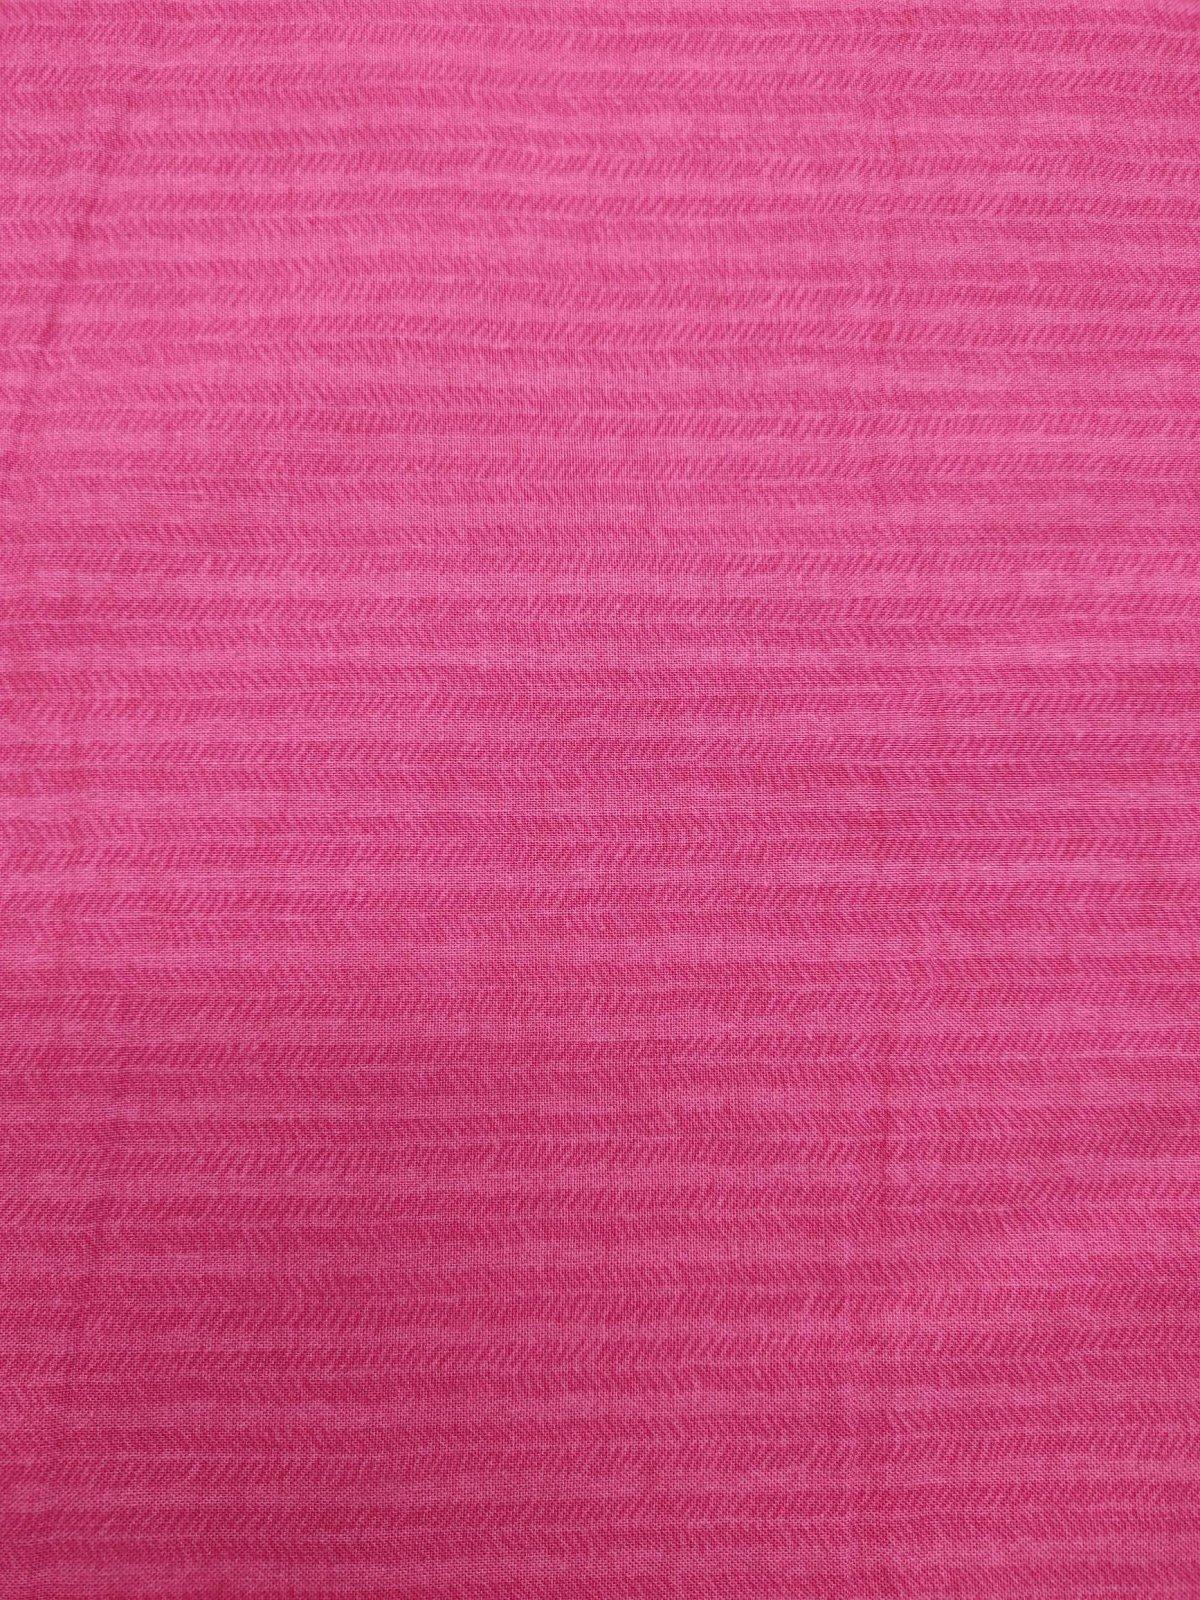 Pink Garden - Pink Chevron Stripes